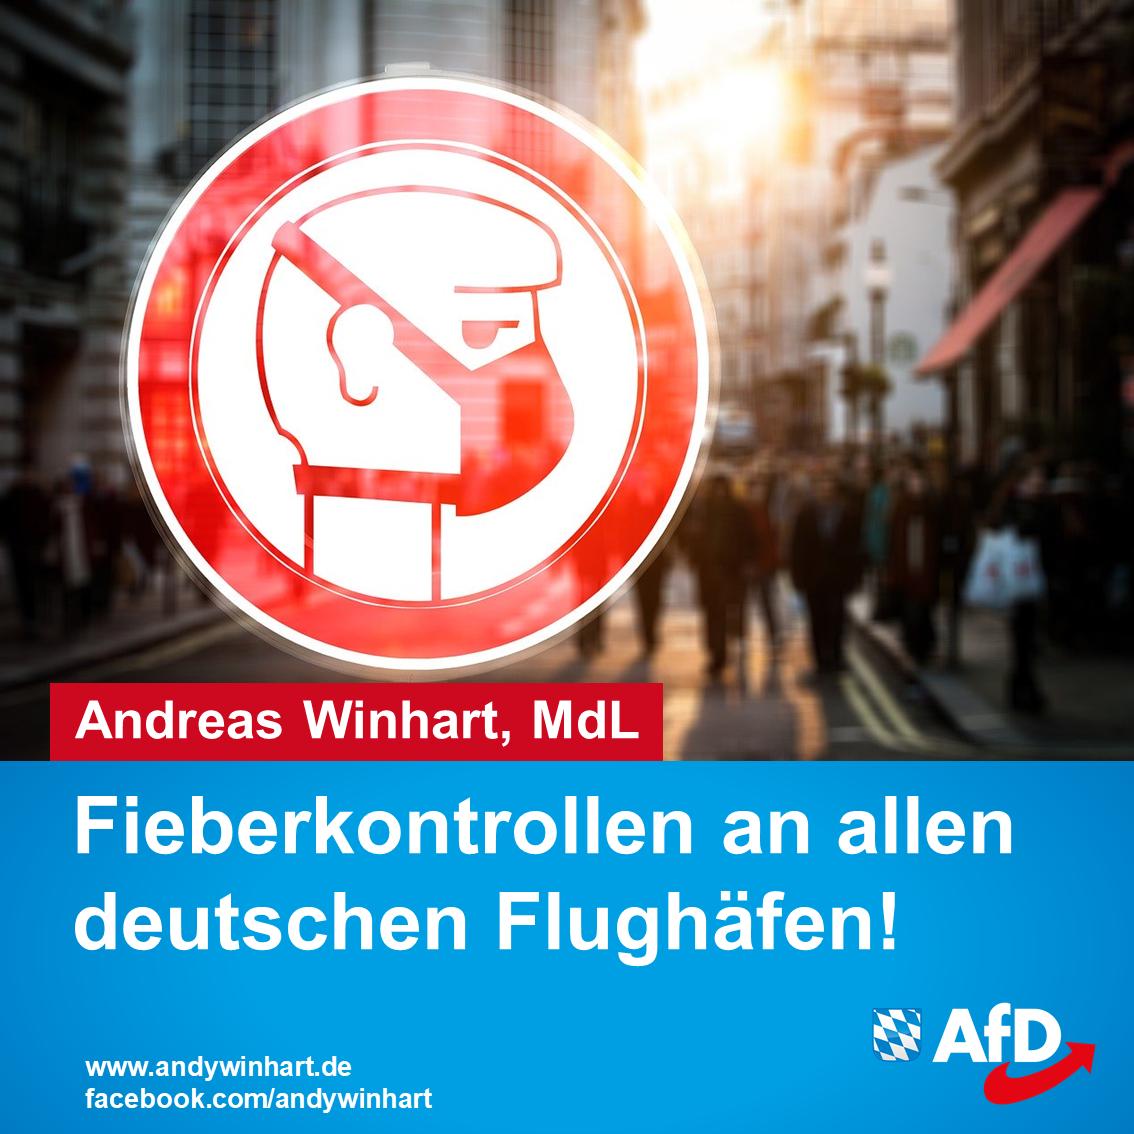 AfD fordert Fieberkontrollen an Flughäfen